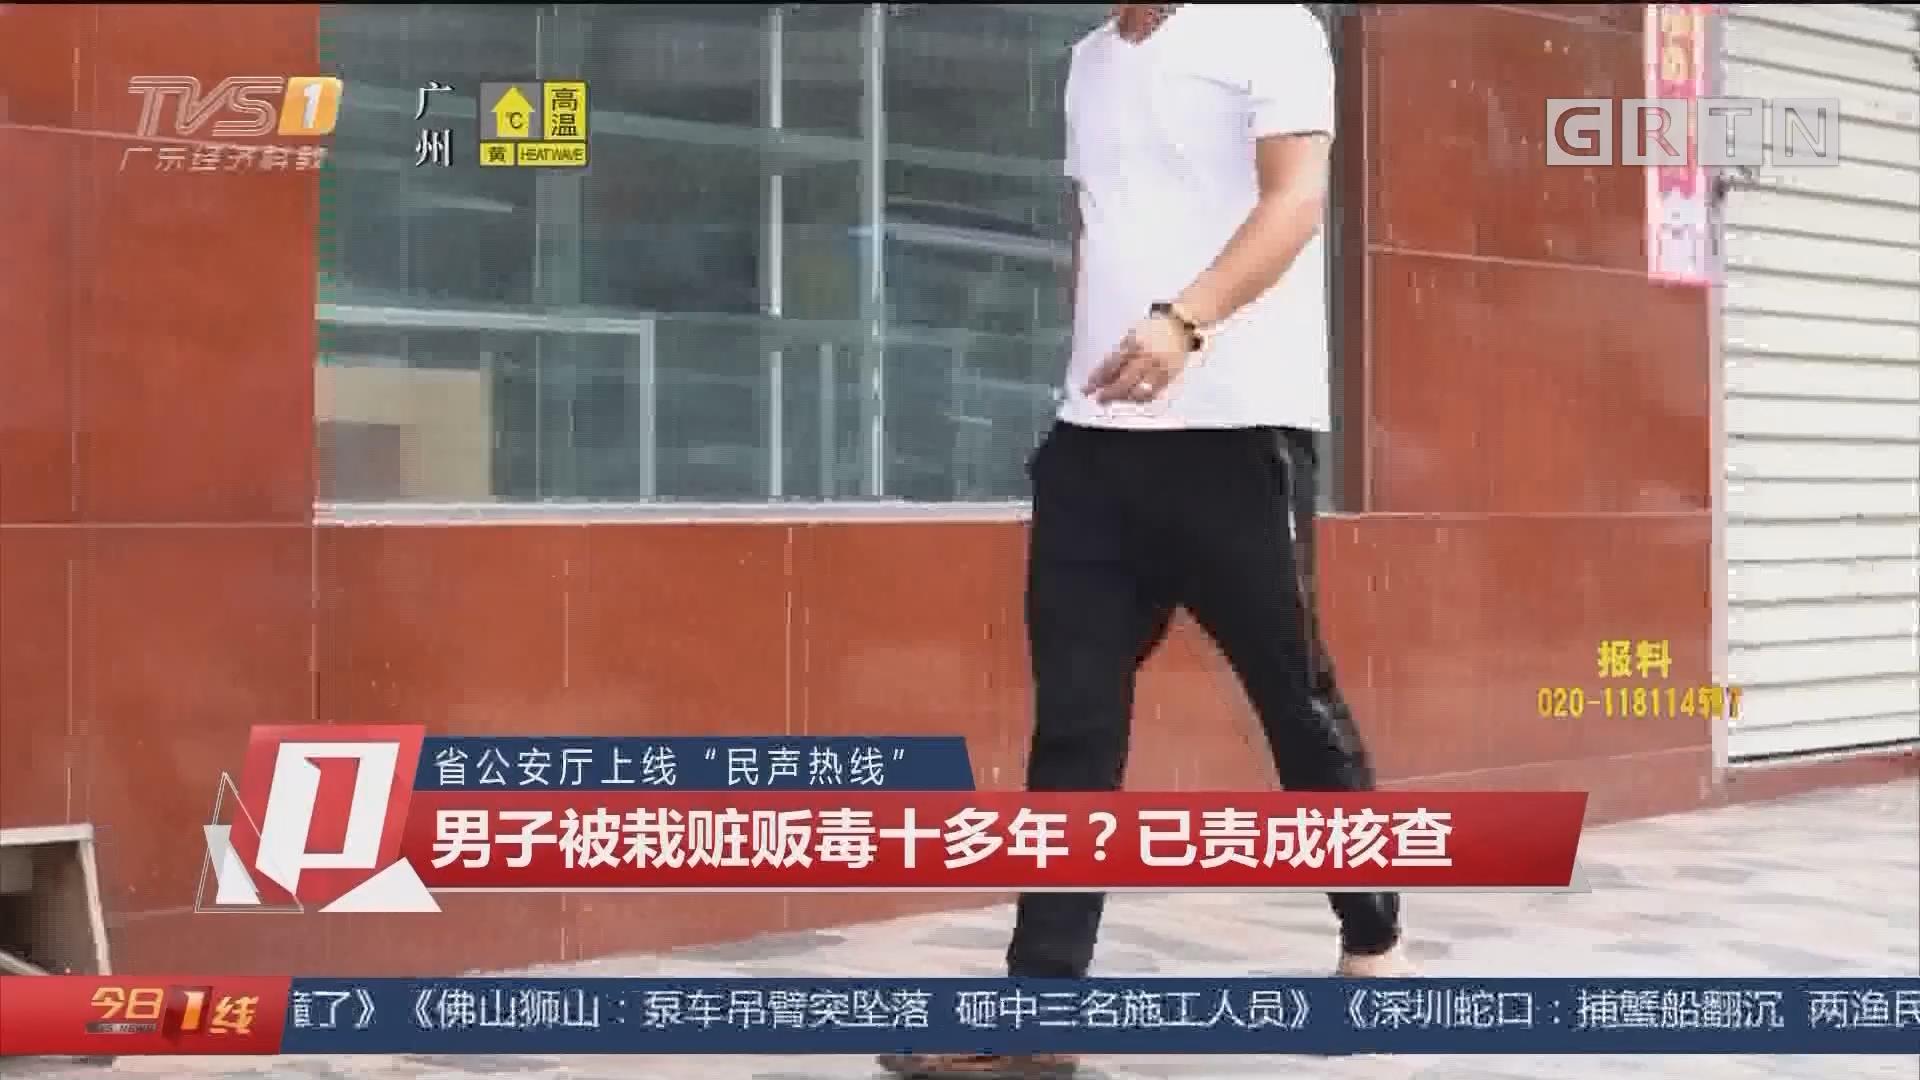 """省公安厅上线""""民声热线"""" 男子被栽赃贩毒十多年?已责成核查"""